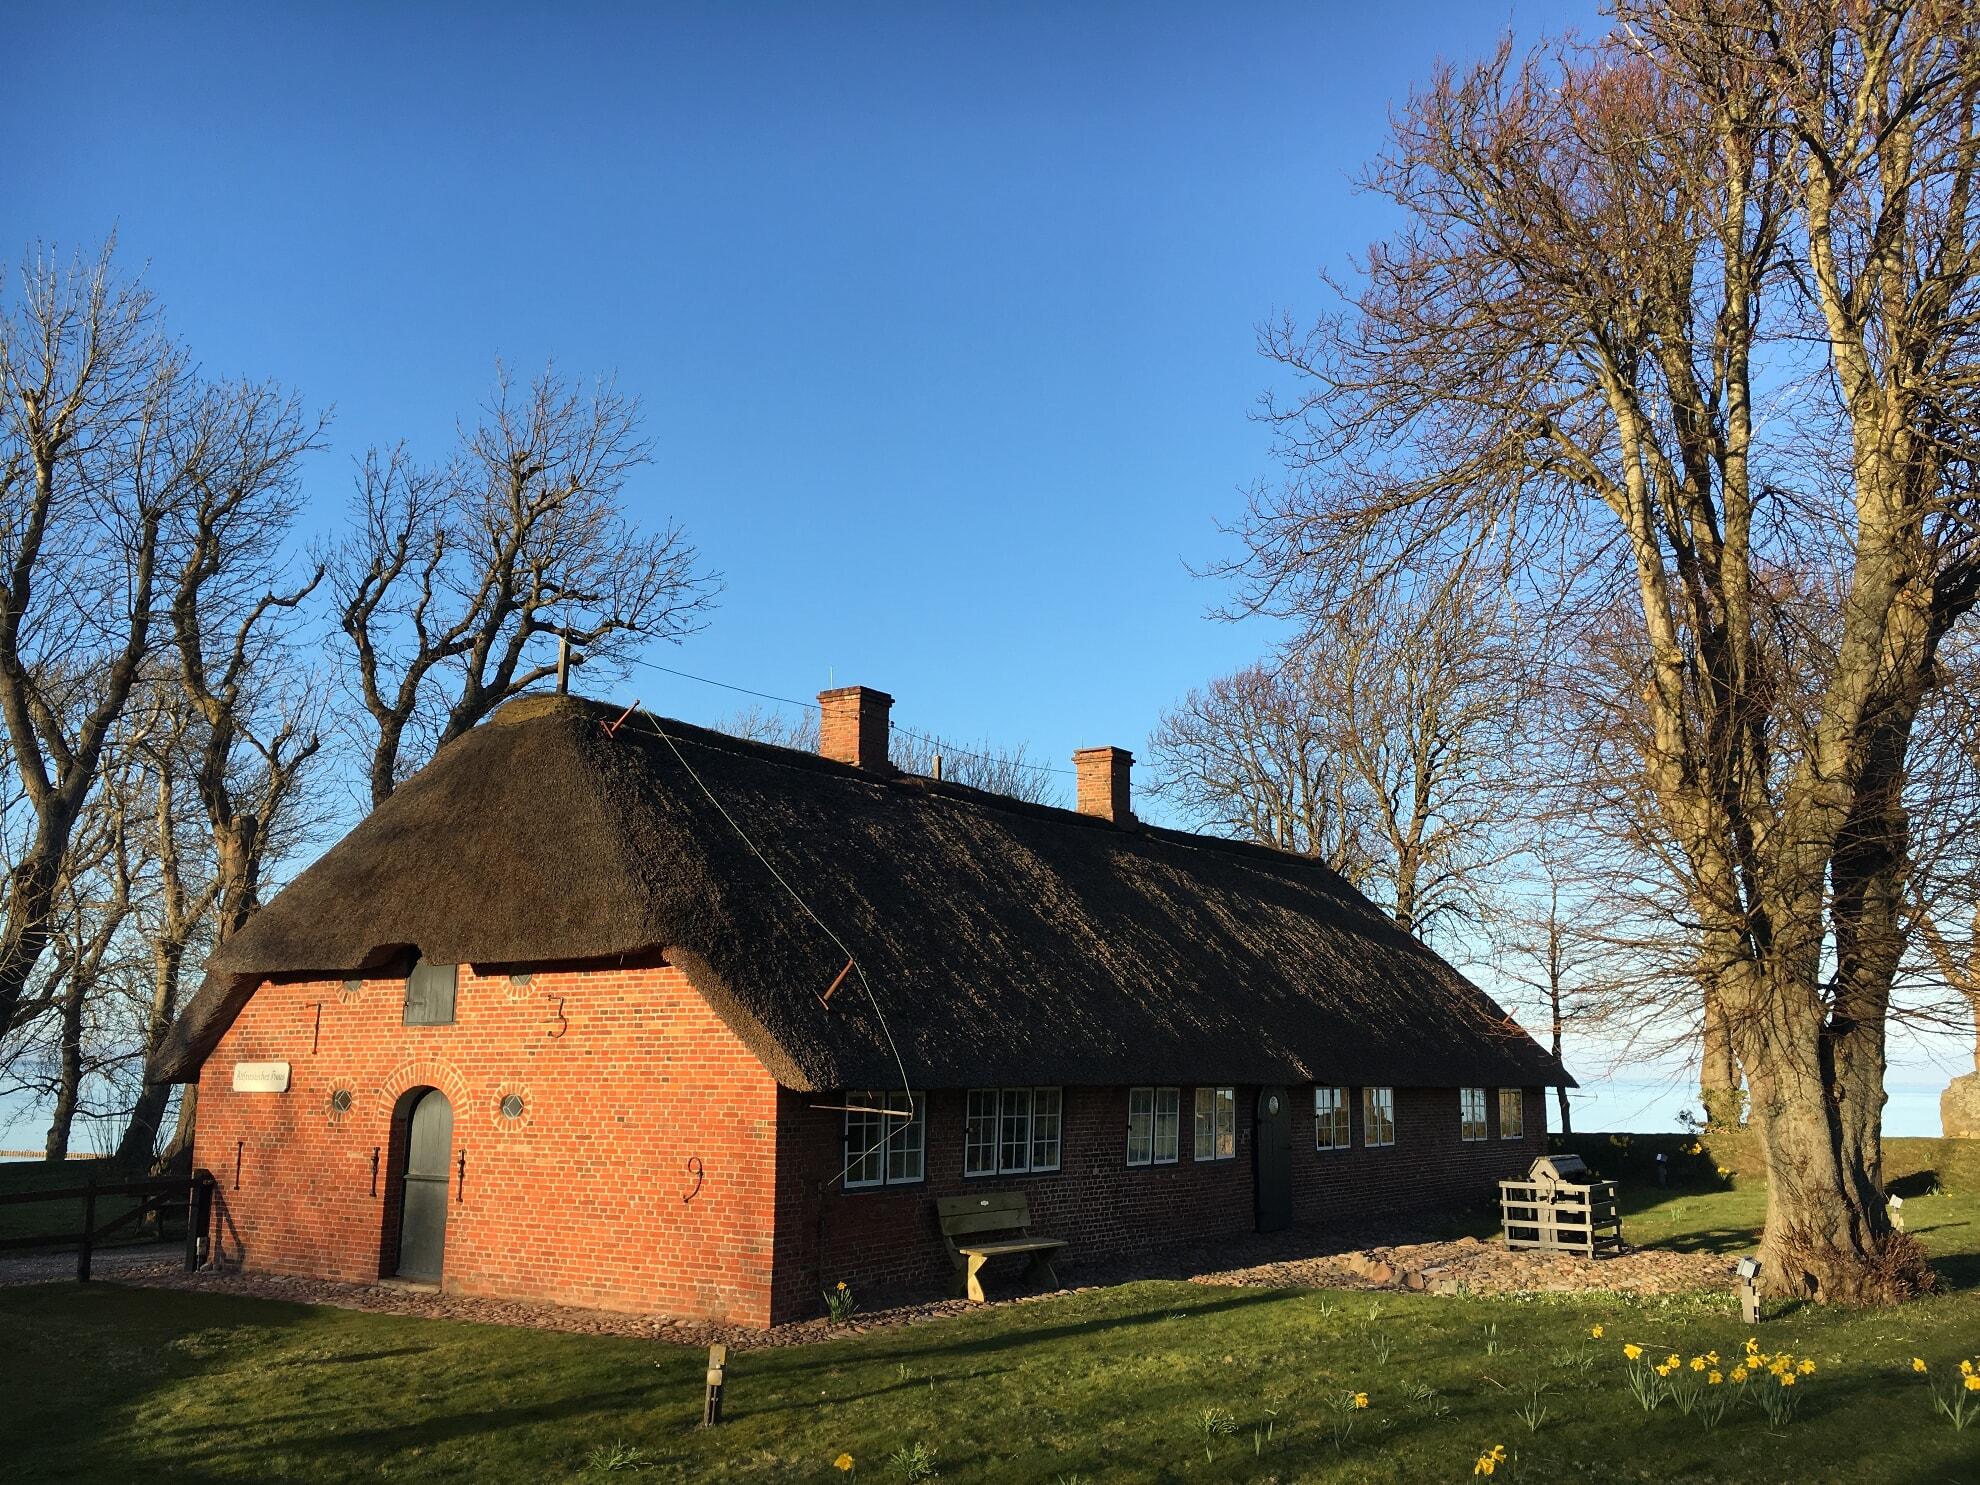 Altfriesisches Haus in der Abendsonne